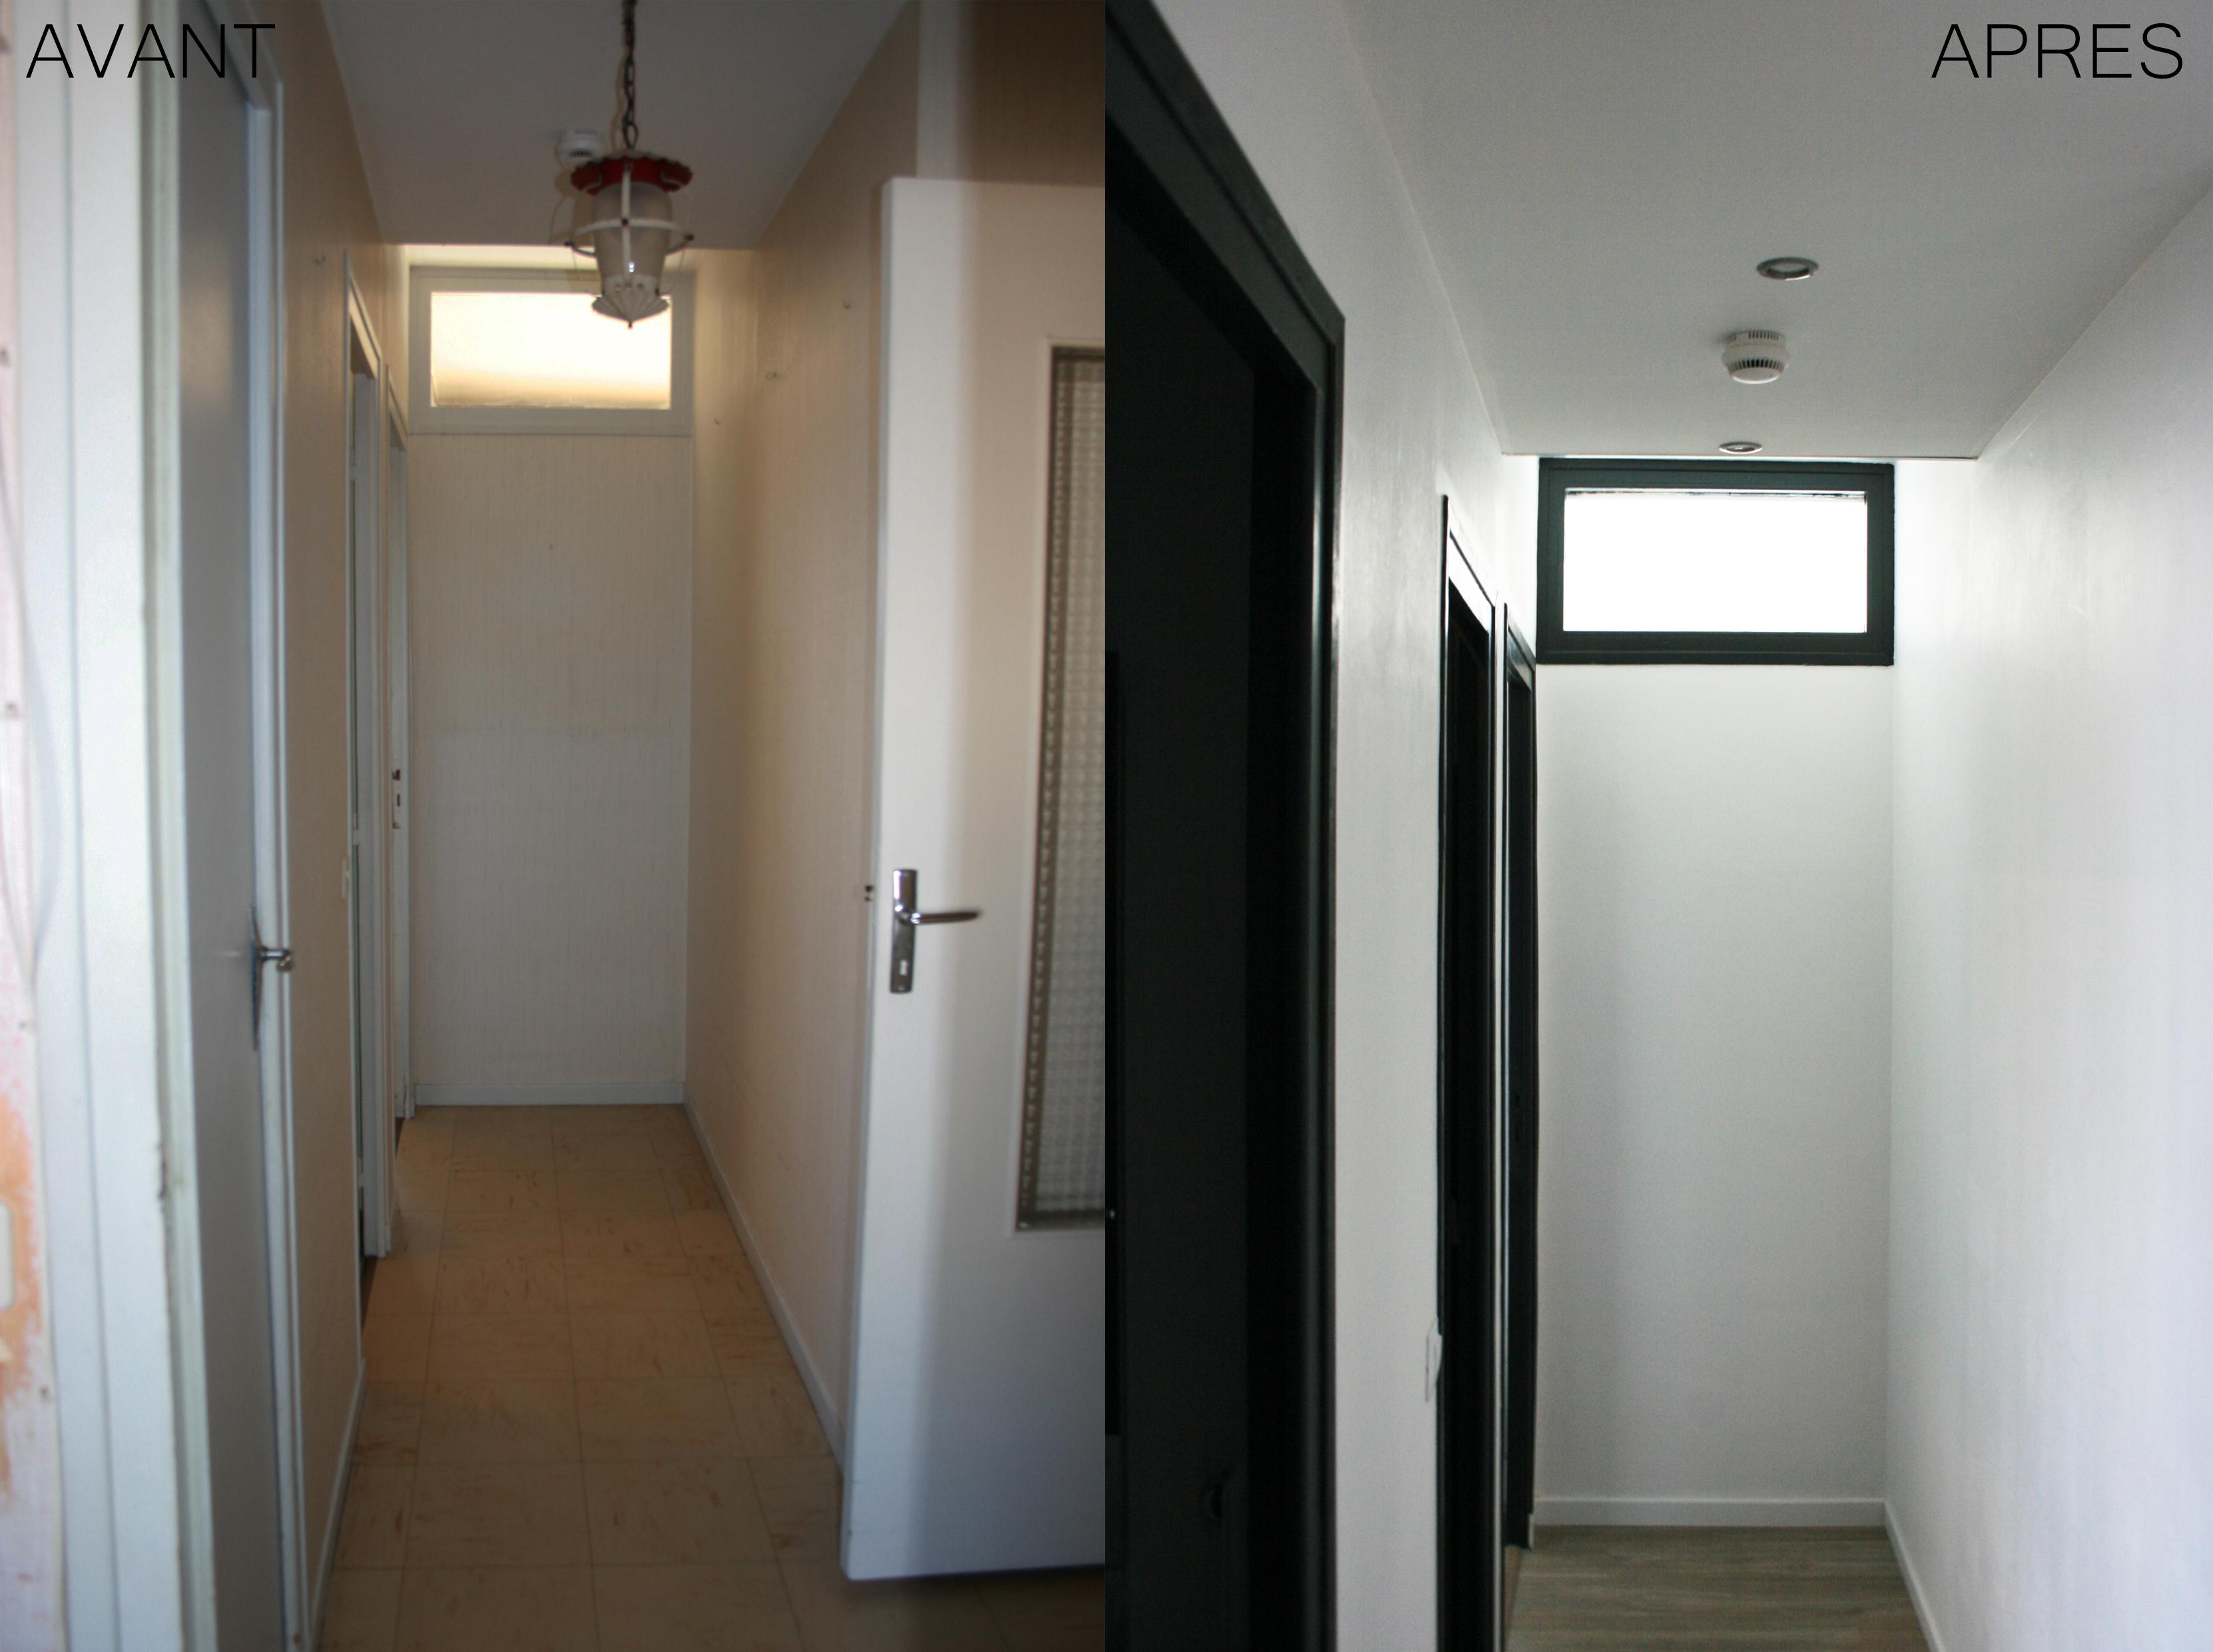 rénovation appartement - couloir